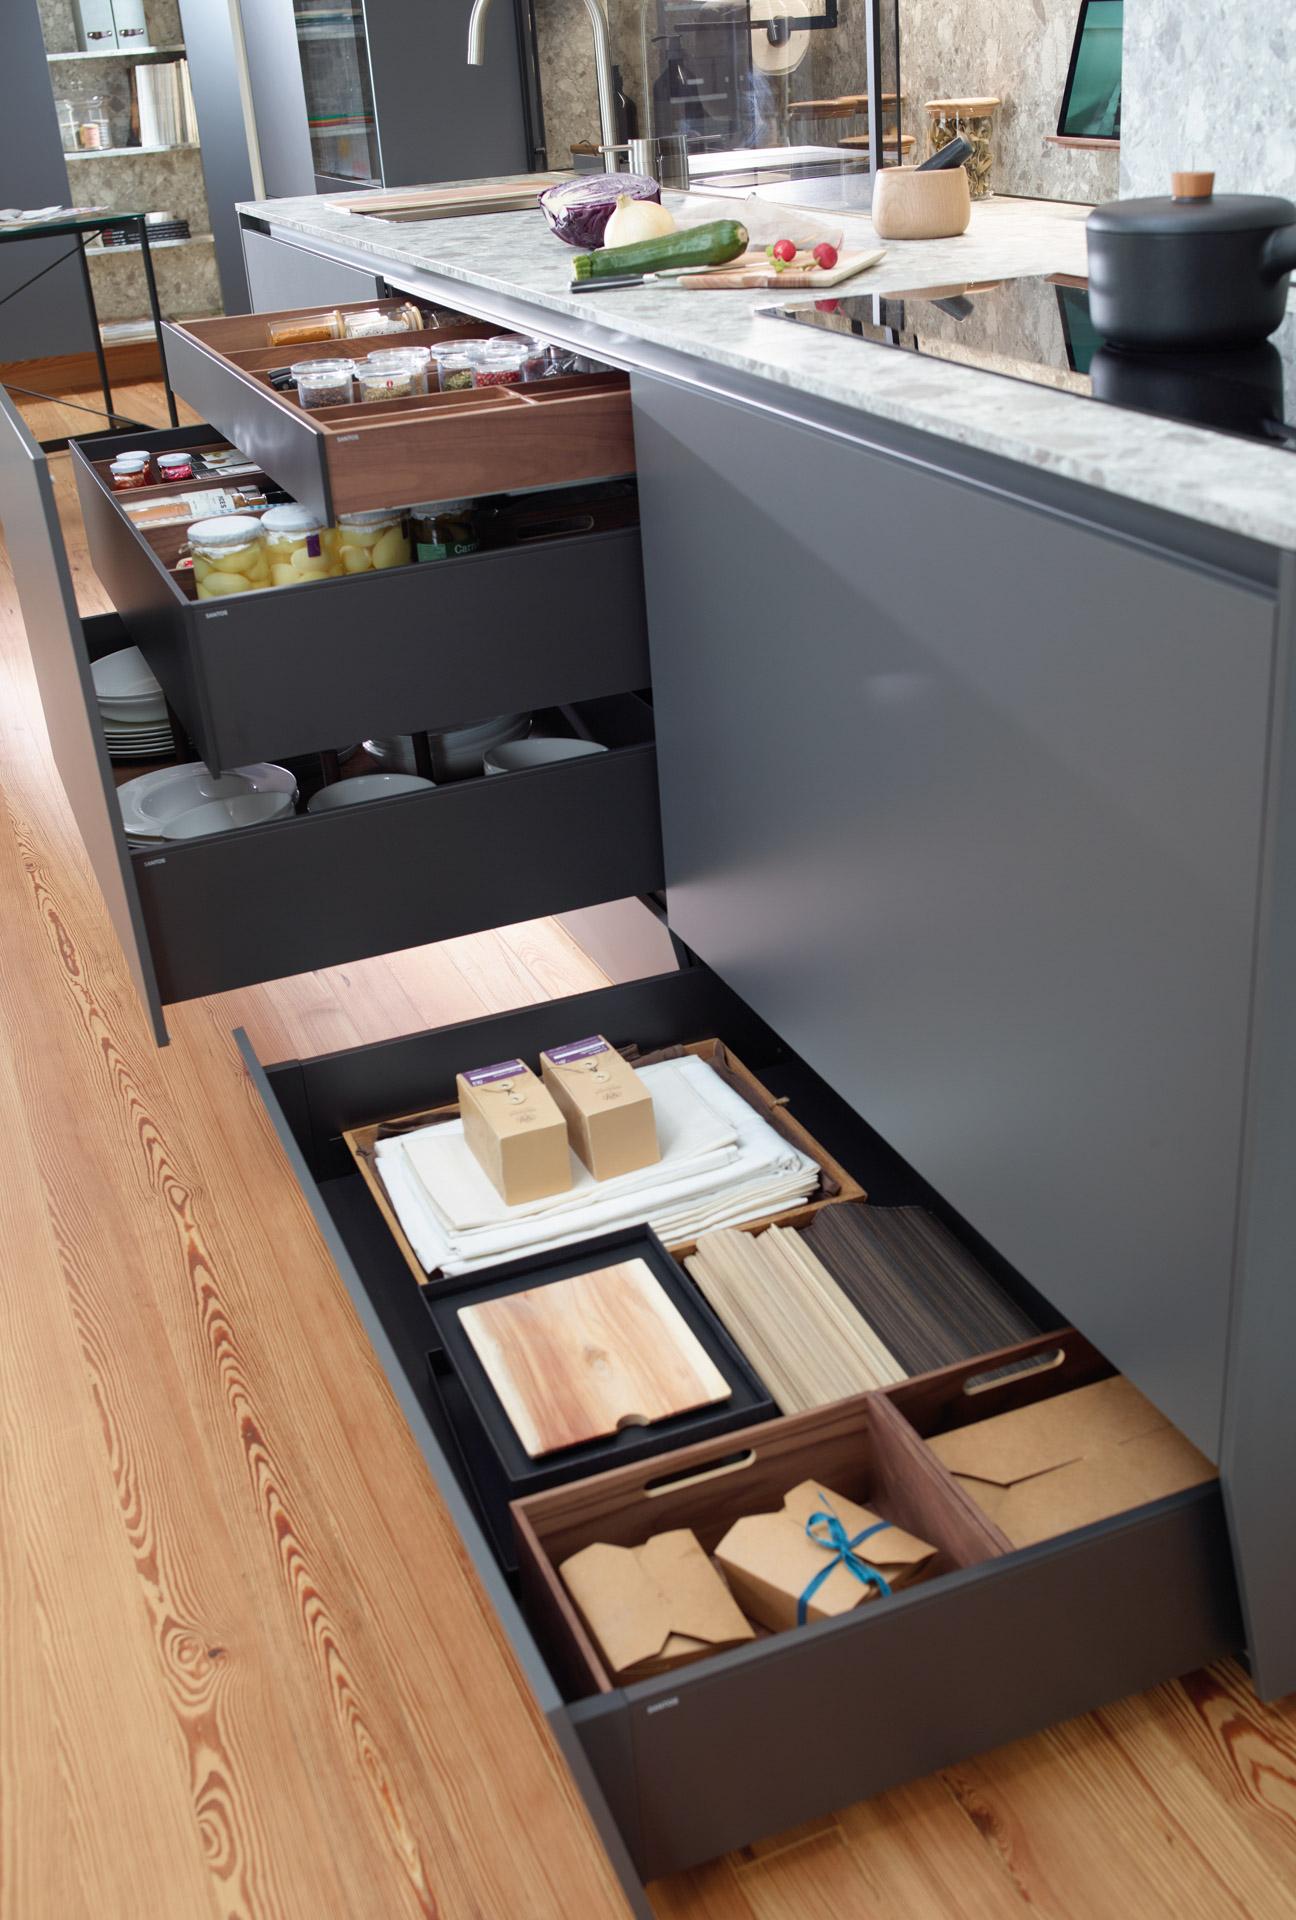 Cajón contenedor de almacenamiento en cocina lineal